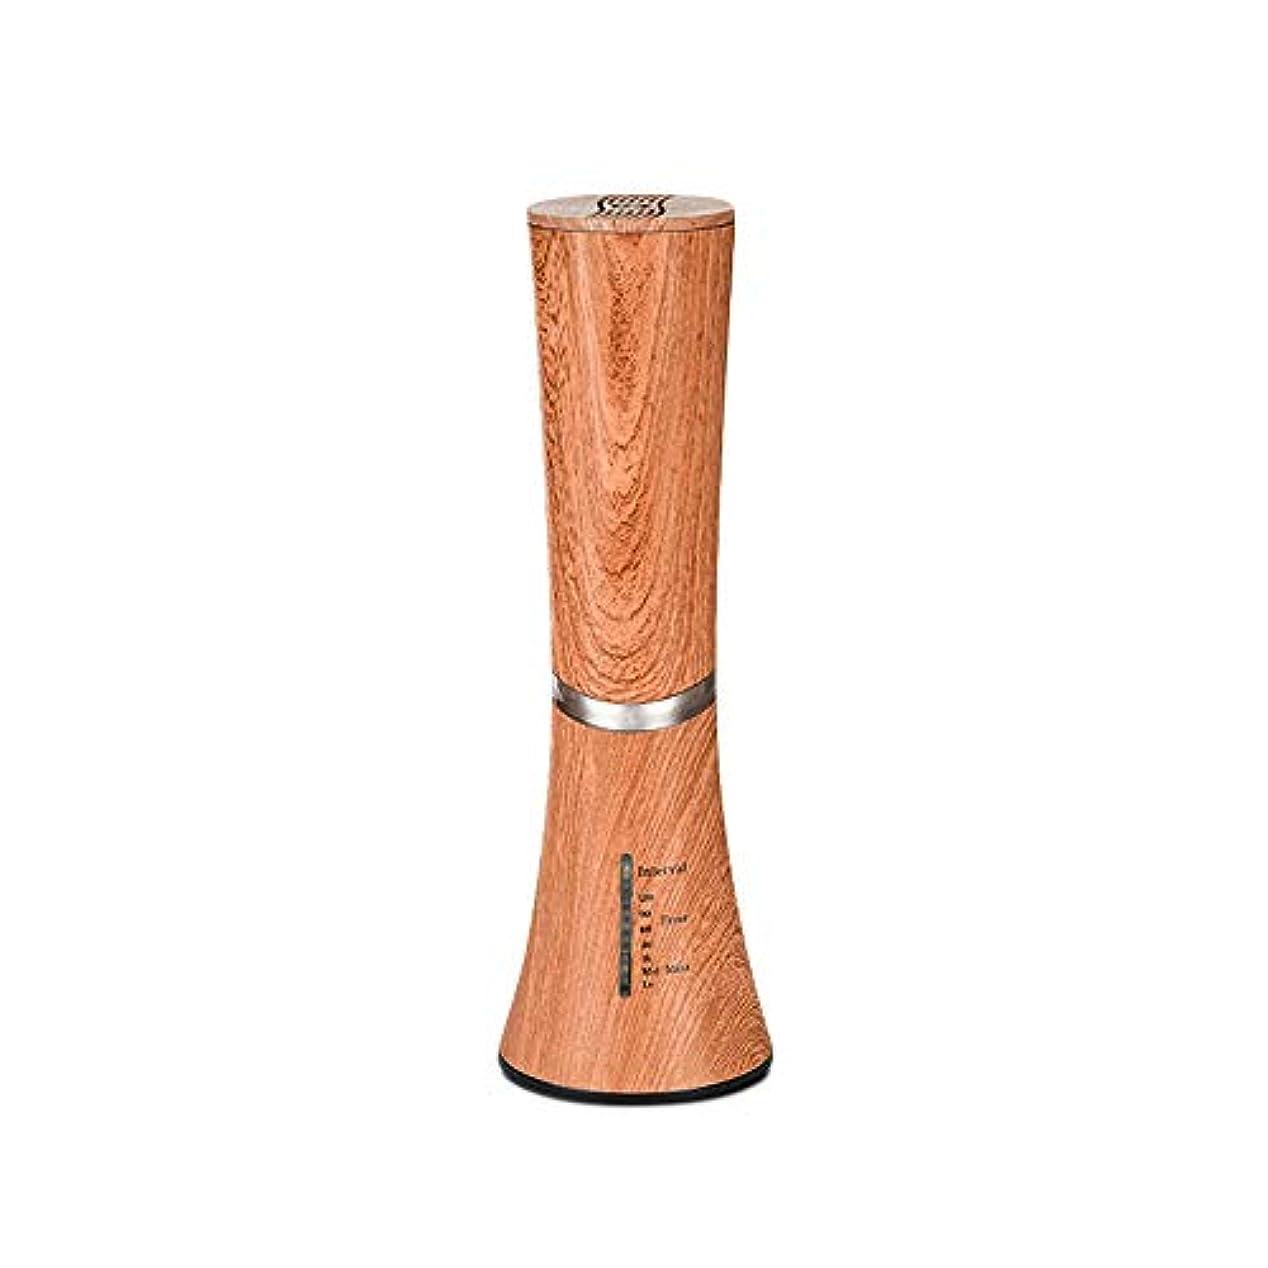 解き明かす尊厳創傷Caseceo 無水 アロマ エッセンシャルオイル ネブライザーディフューザー断続モードと連続モードフクシア付 ダークウッドの木目